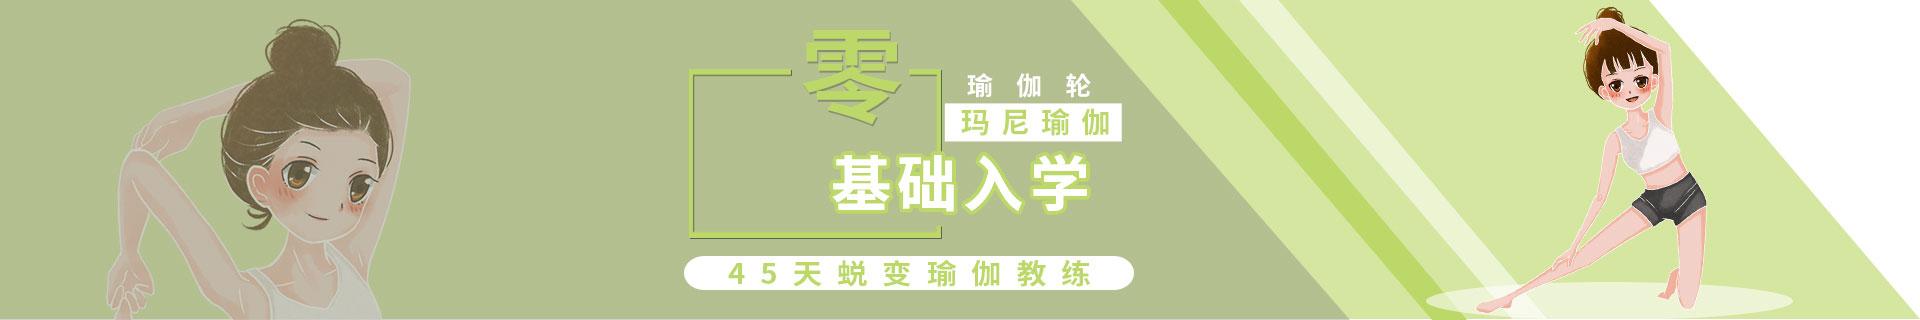 苏州吴江爱琴海玛尼瑜伽培训